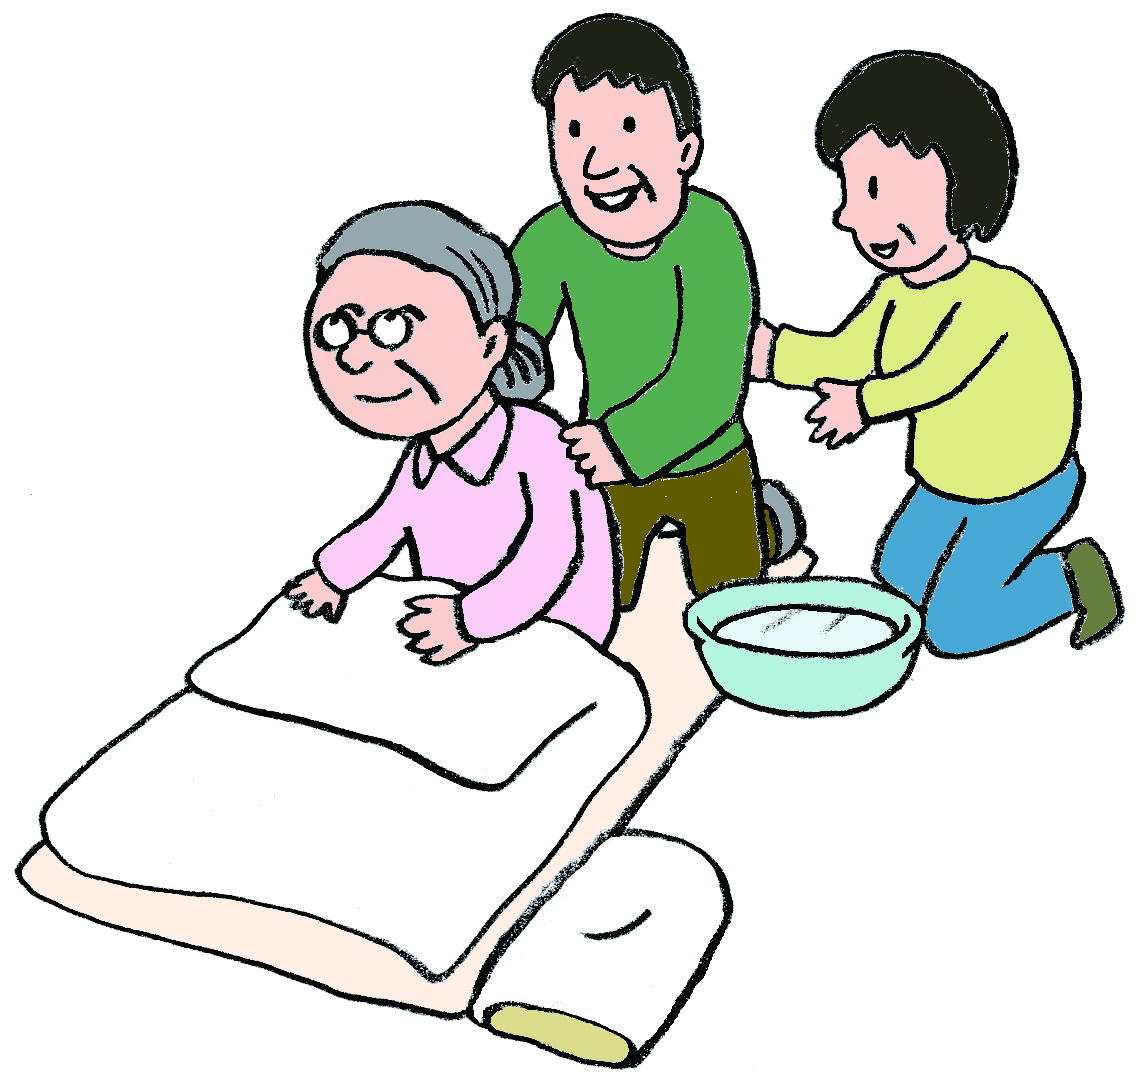 認知症高齢者の在宅介護で一番大切な事と注意点